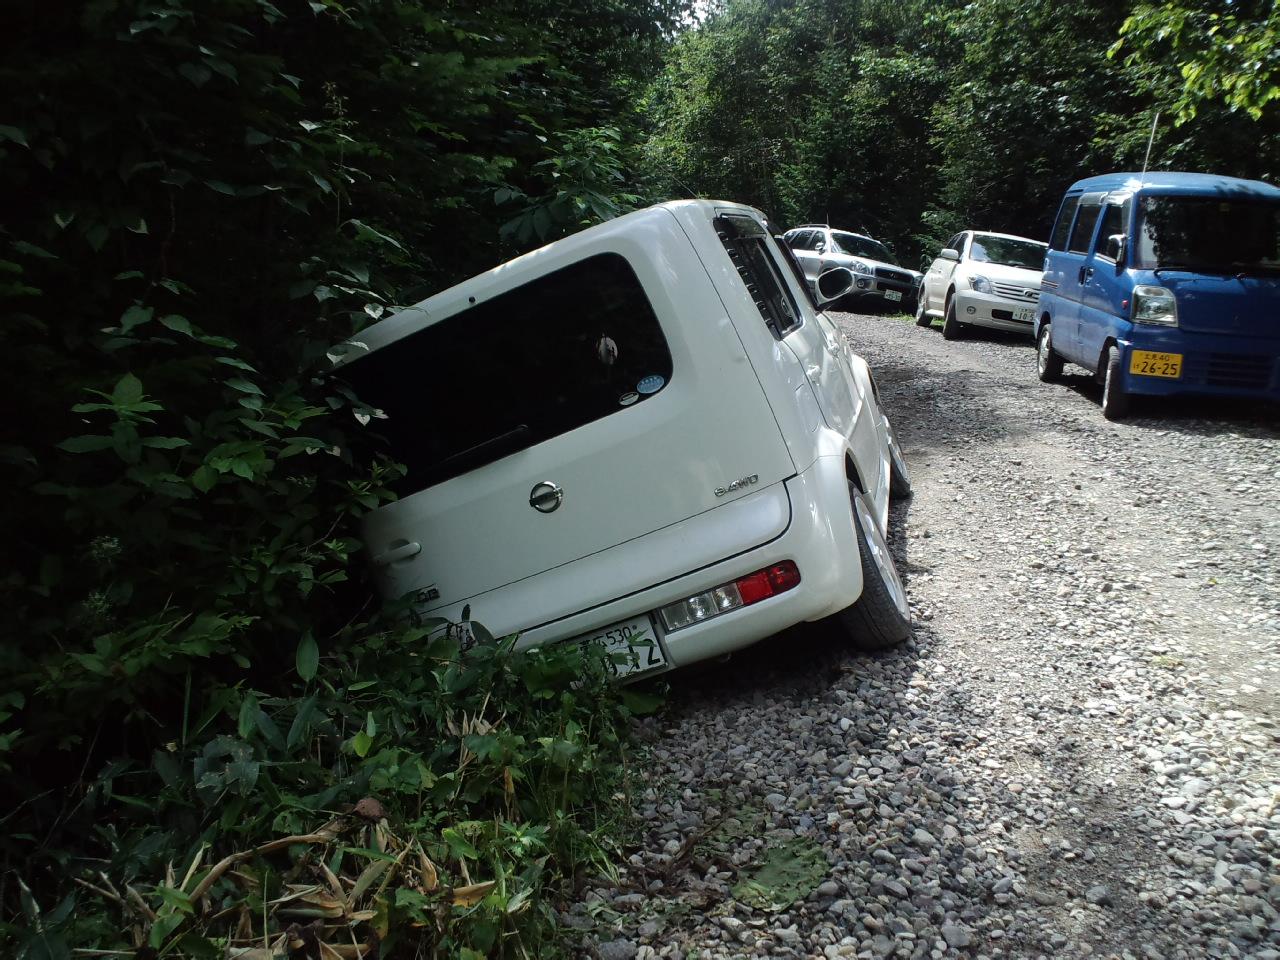 【車のトラブル対処方法】側溝にタイヤが落ちてしまった!ぬかるみにはまってしまった!脱輪・落輪やスタックした時の脱出方法とは?